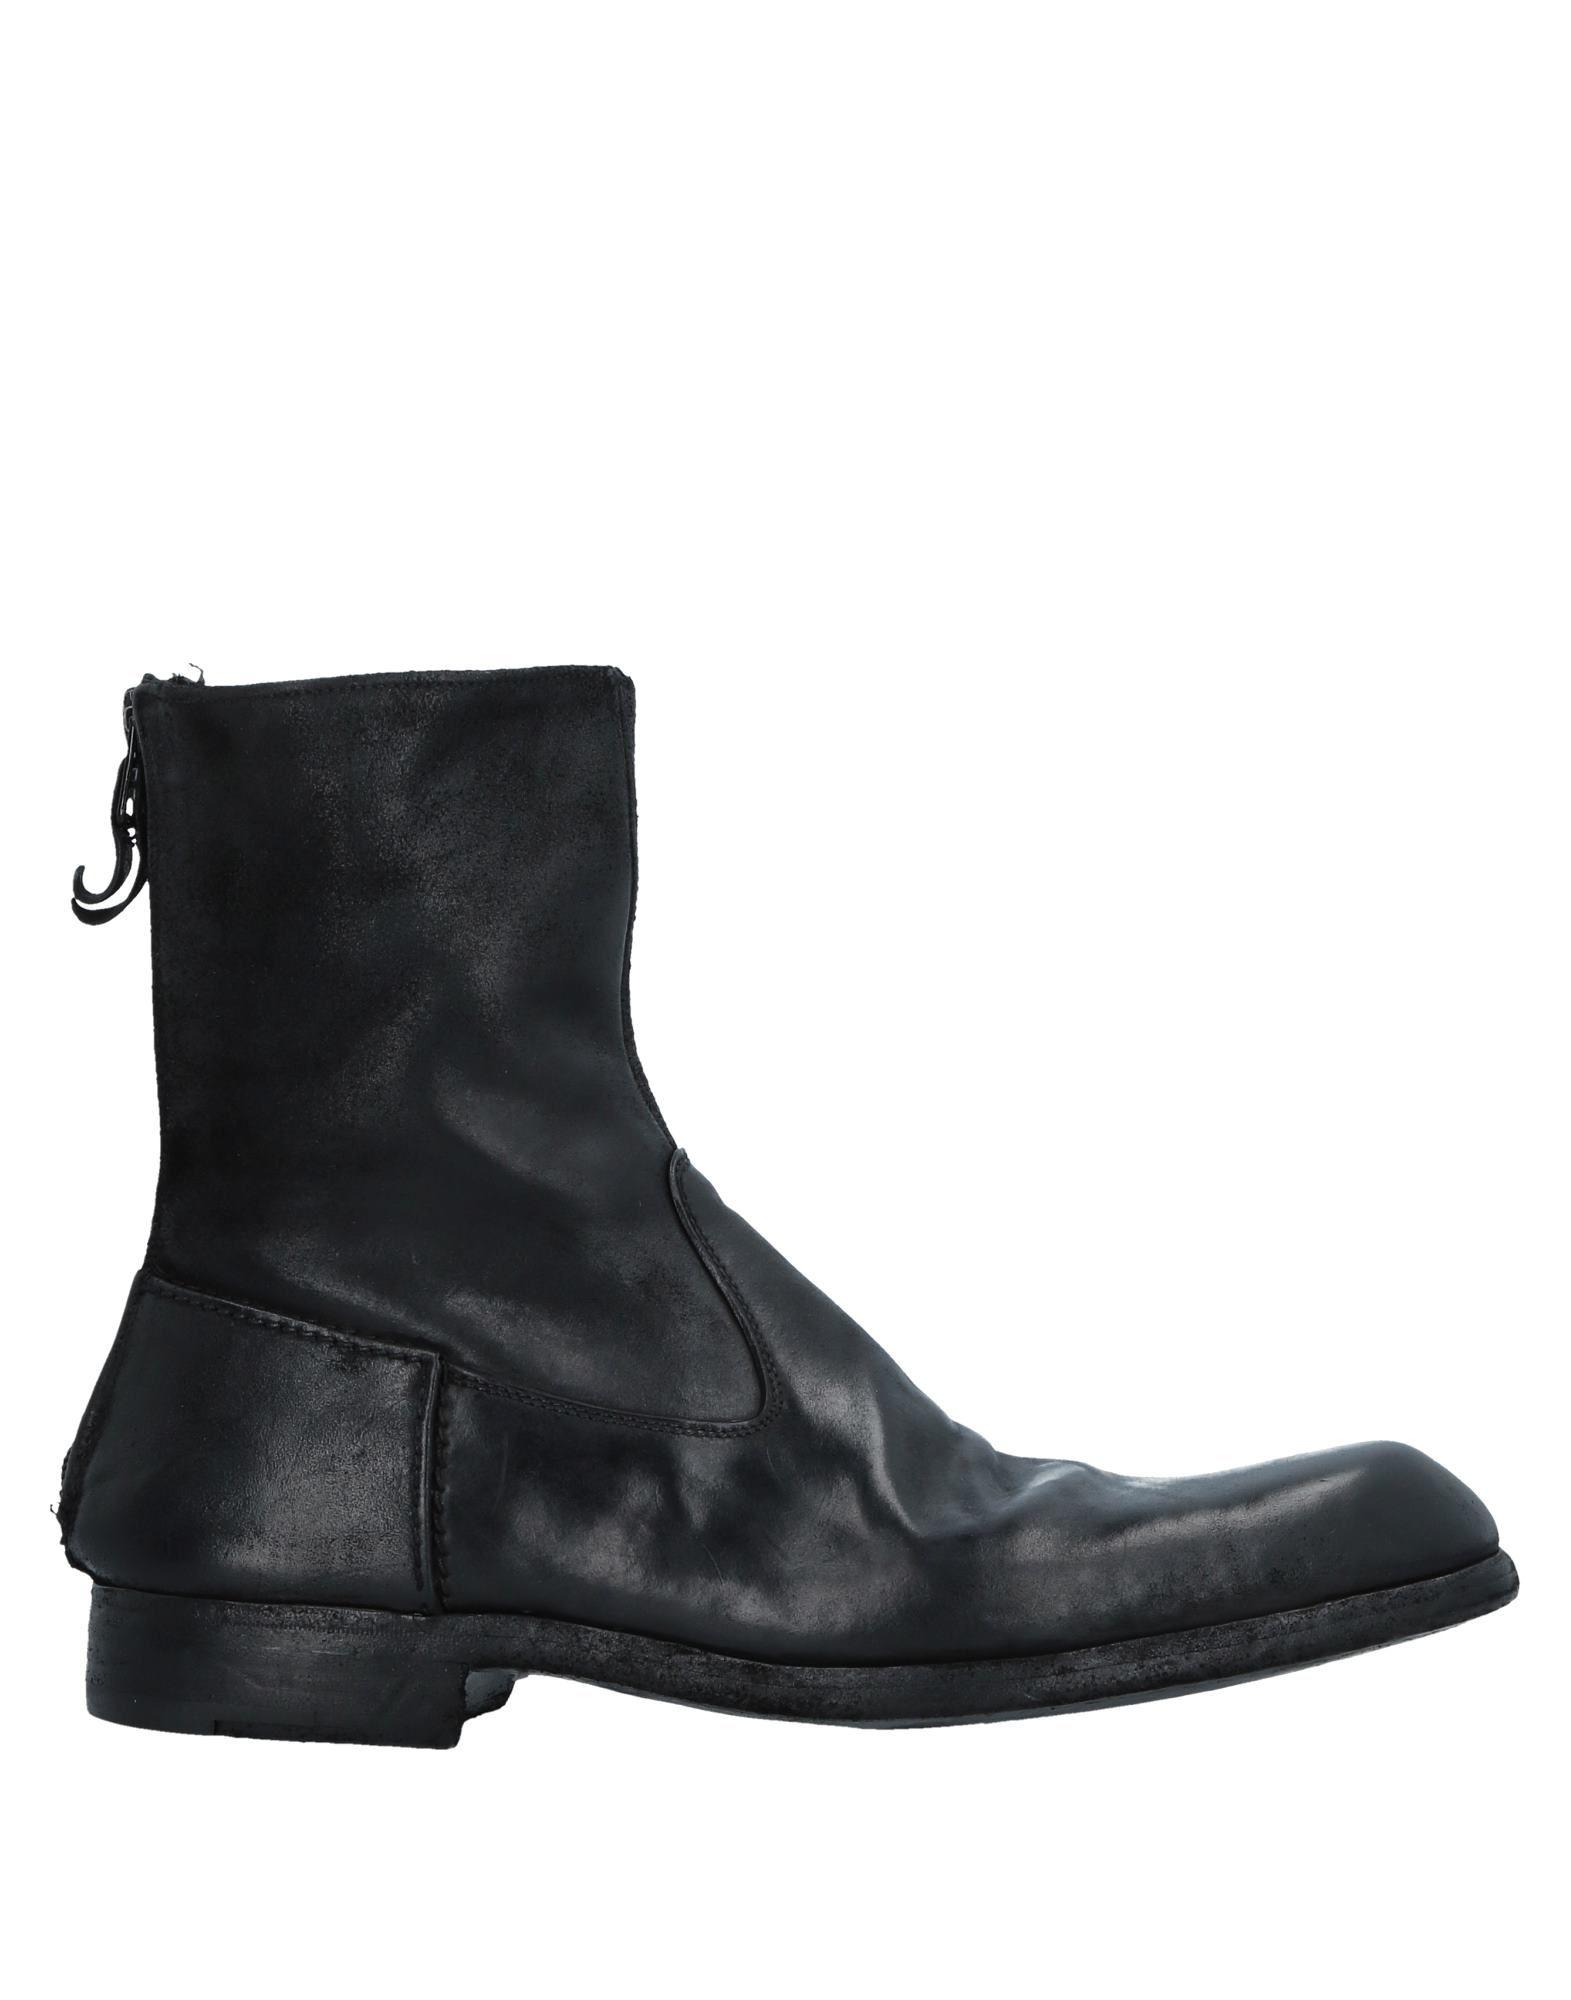 《送料無料》PREMIATA メンズ ショートブーツ ブラック 8.5 革